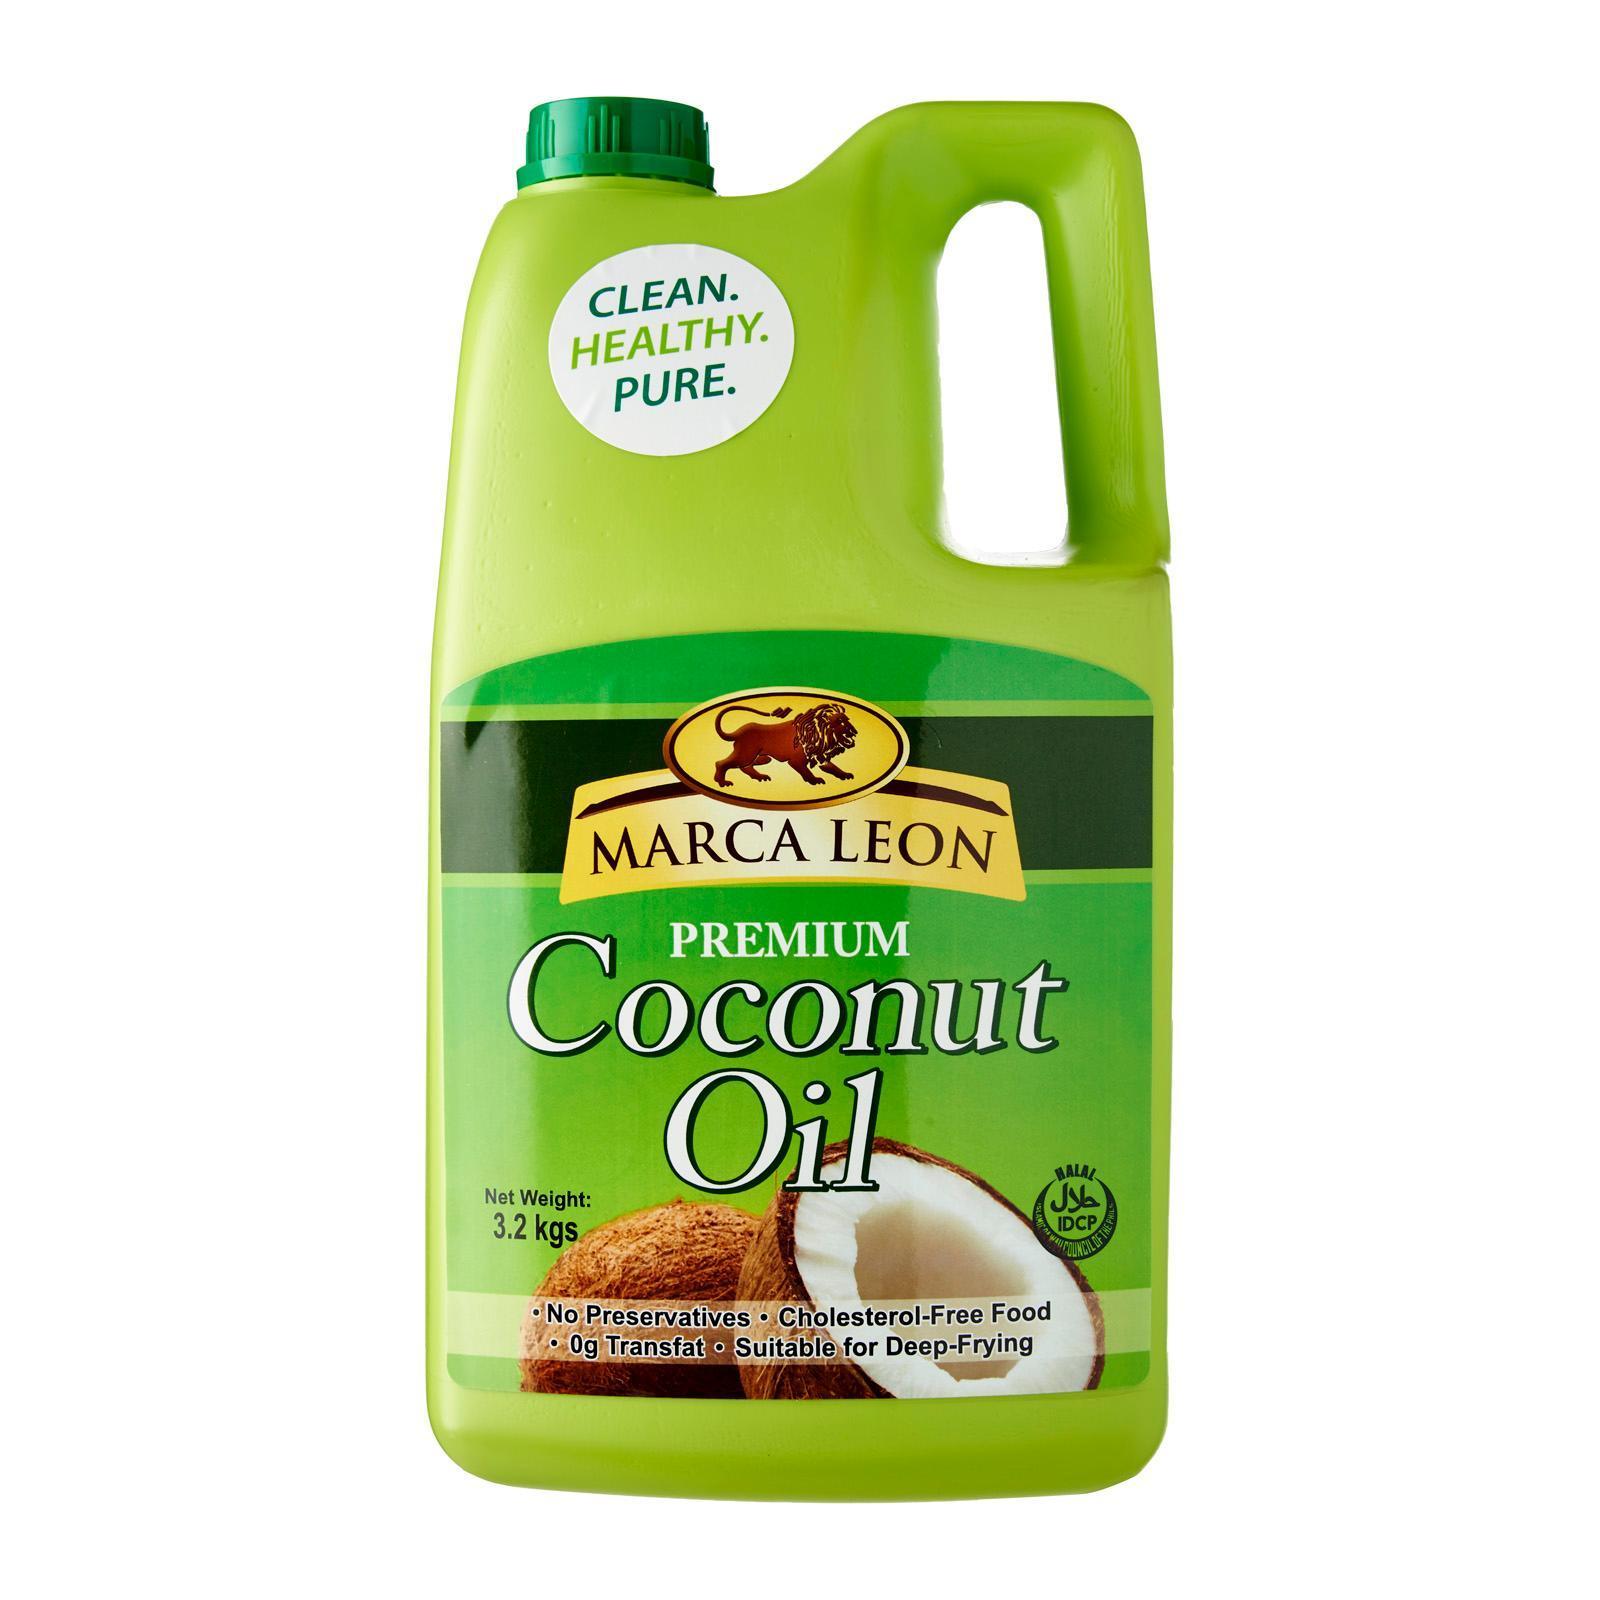 Marca Leon Premium Coconut Oil 1 Gallon